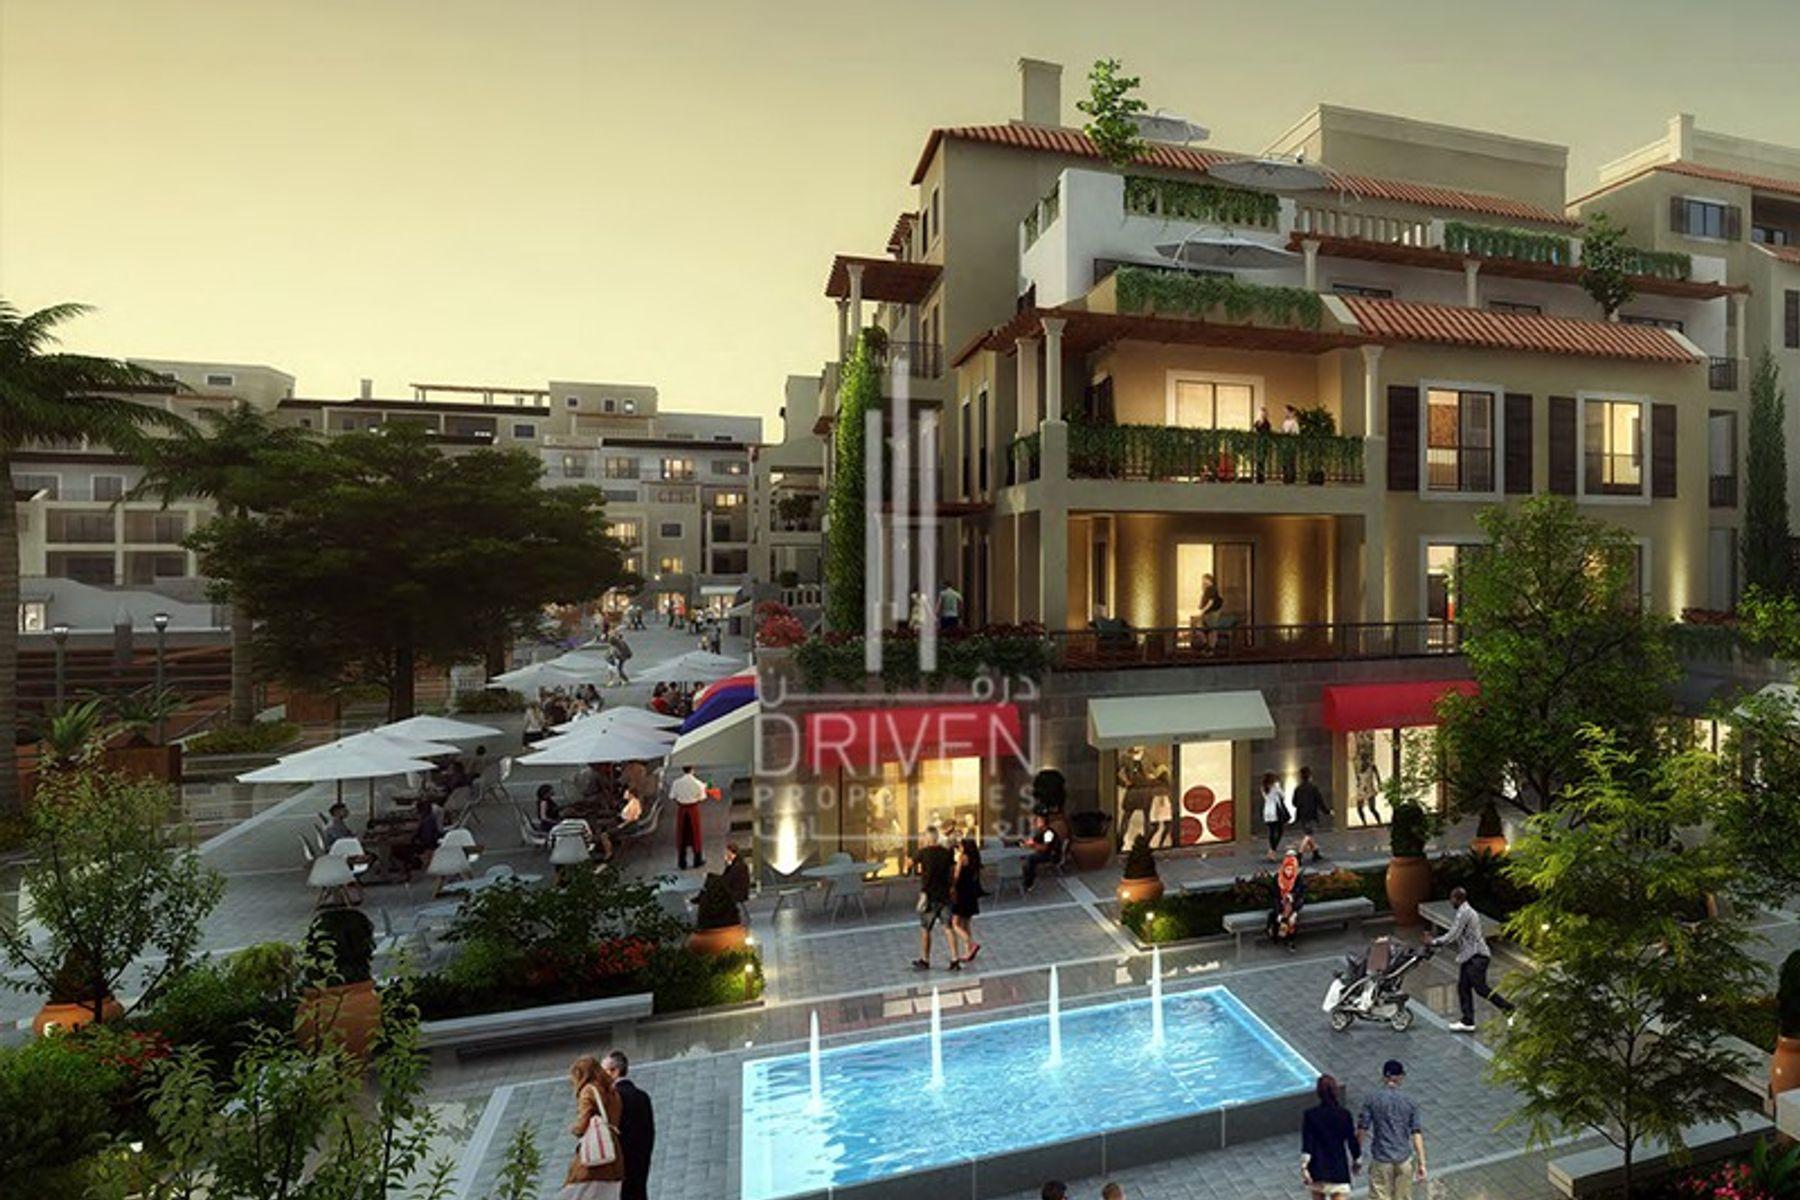 للبيع - شقة - بورت دي لا مير - الجميرا